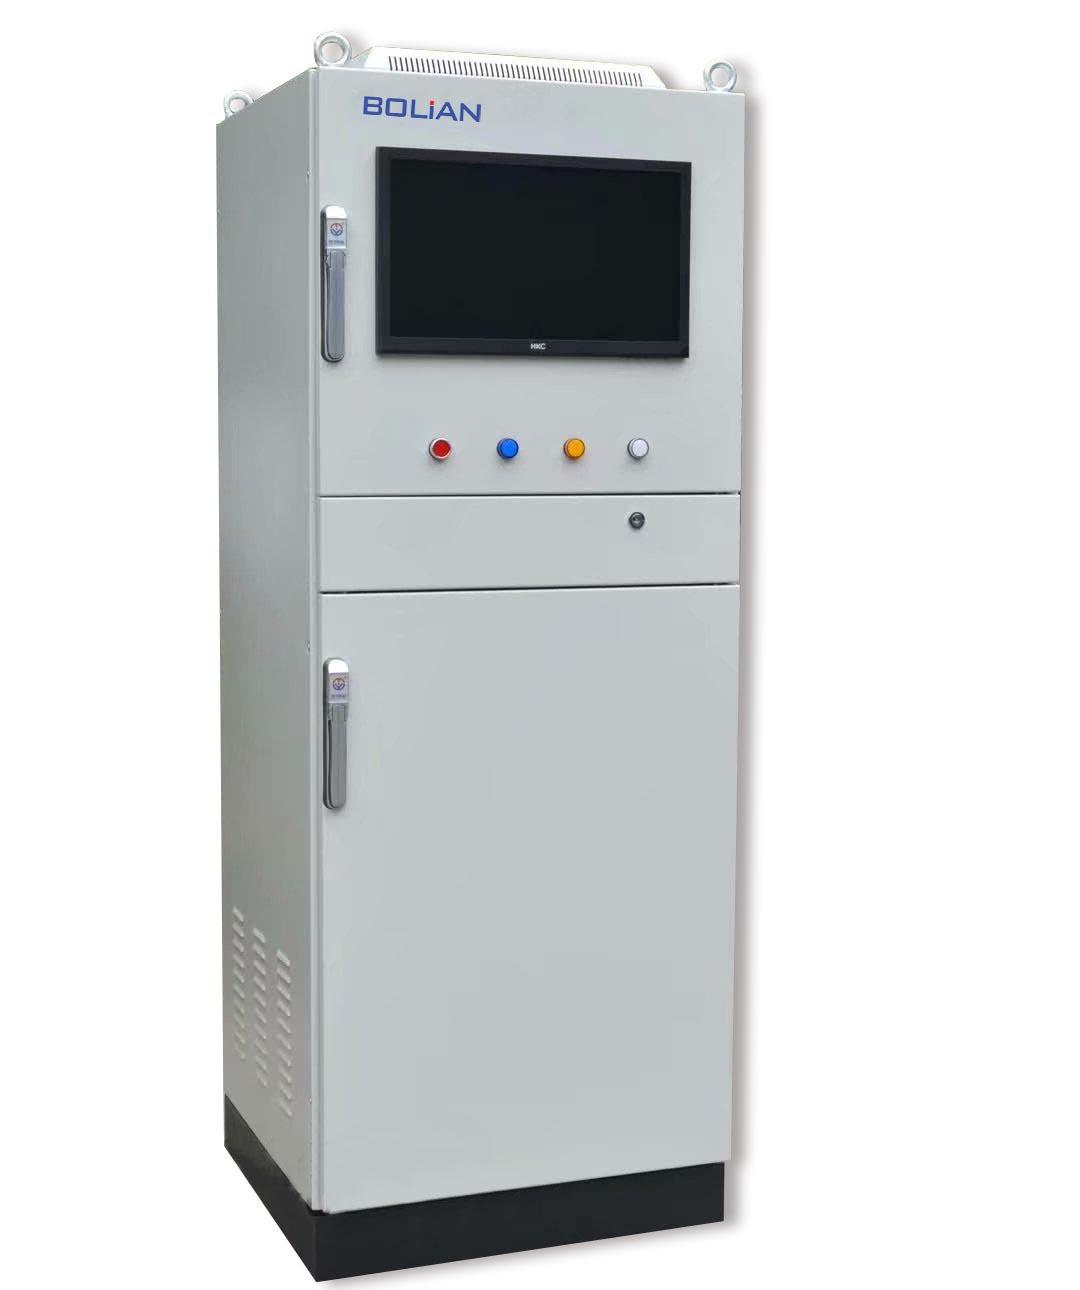 自动化控制系统 PLC自控系统DCS控制系统DCS分布系统控制济南博联